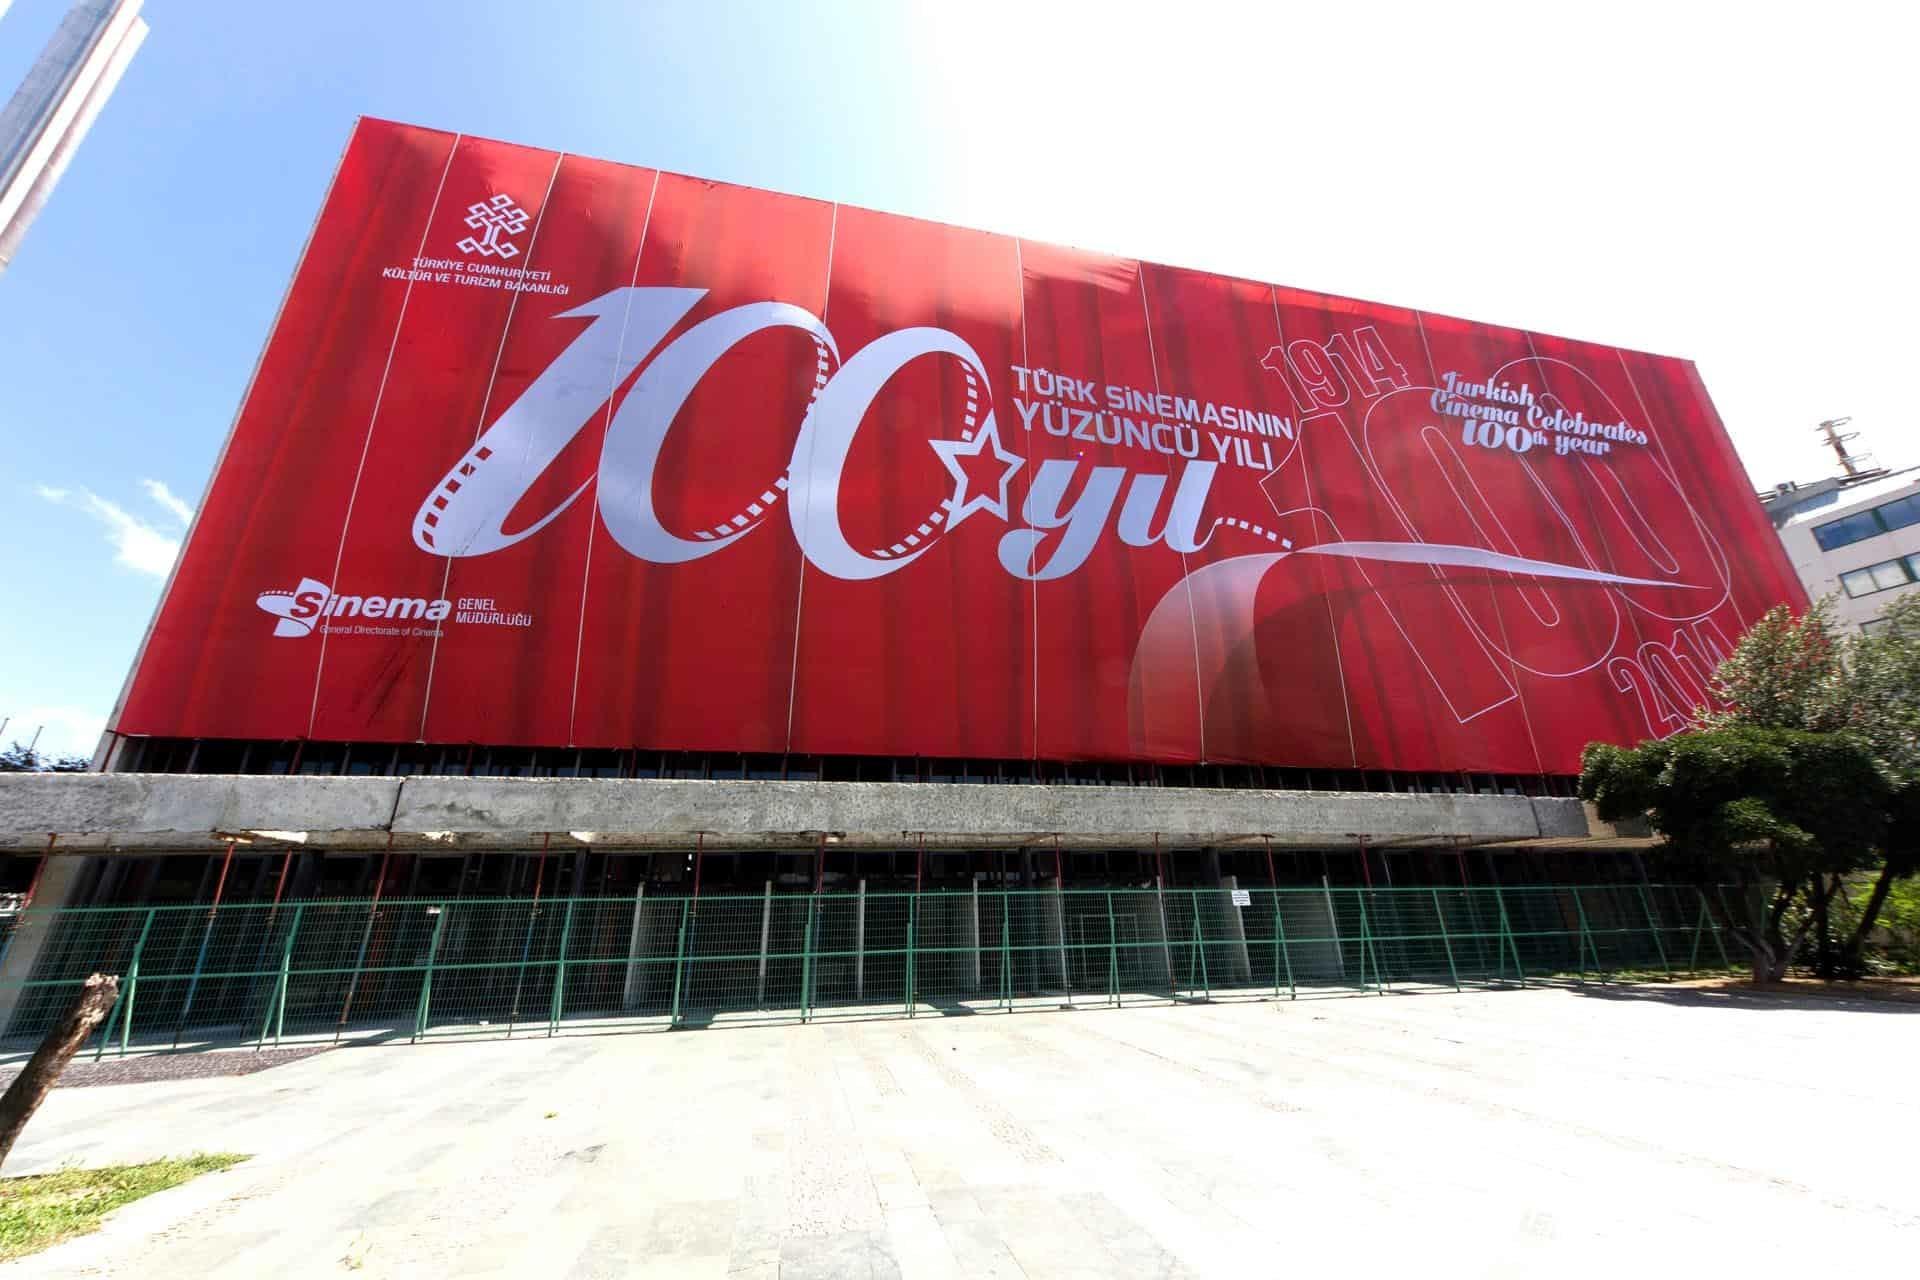 istanbul taksim ataturk kultur merkezi bina giydirme2 - İstanbul Taksim AKM Binası Giydirme